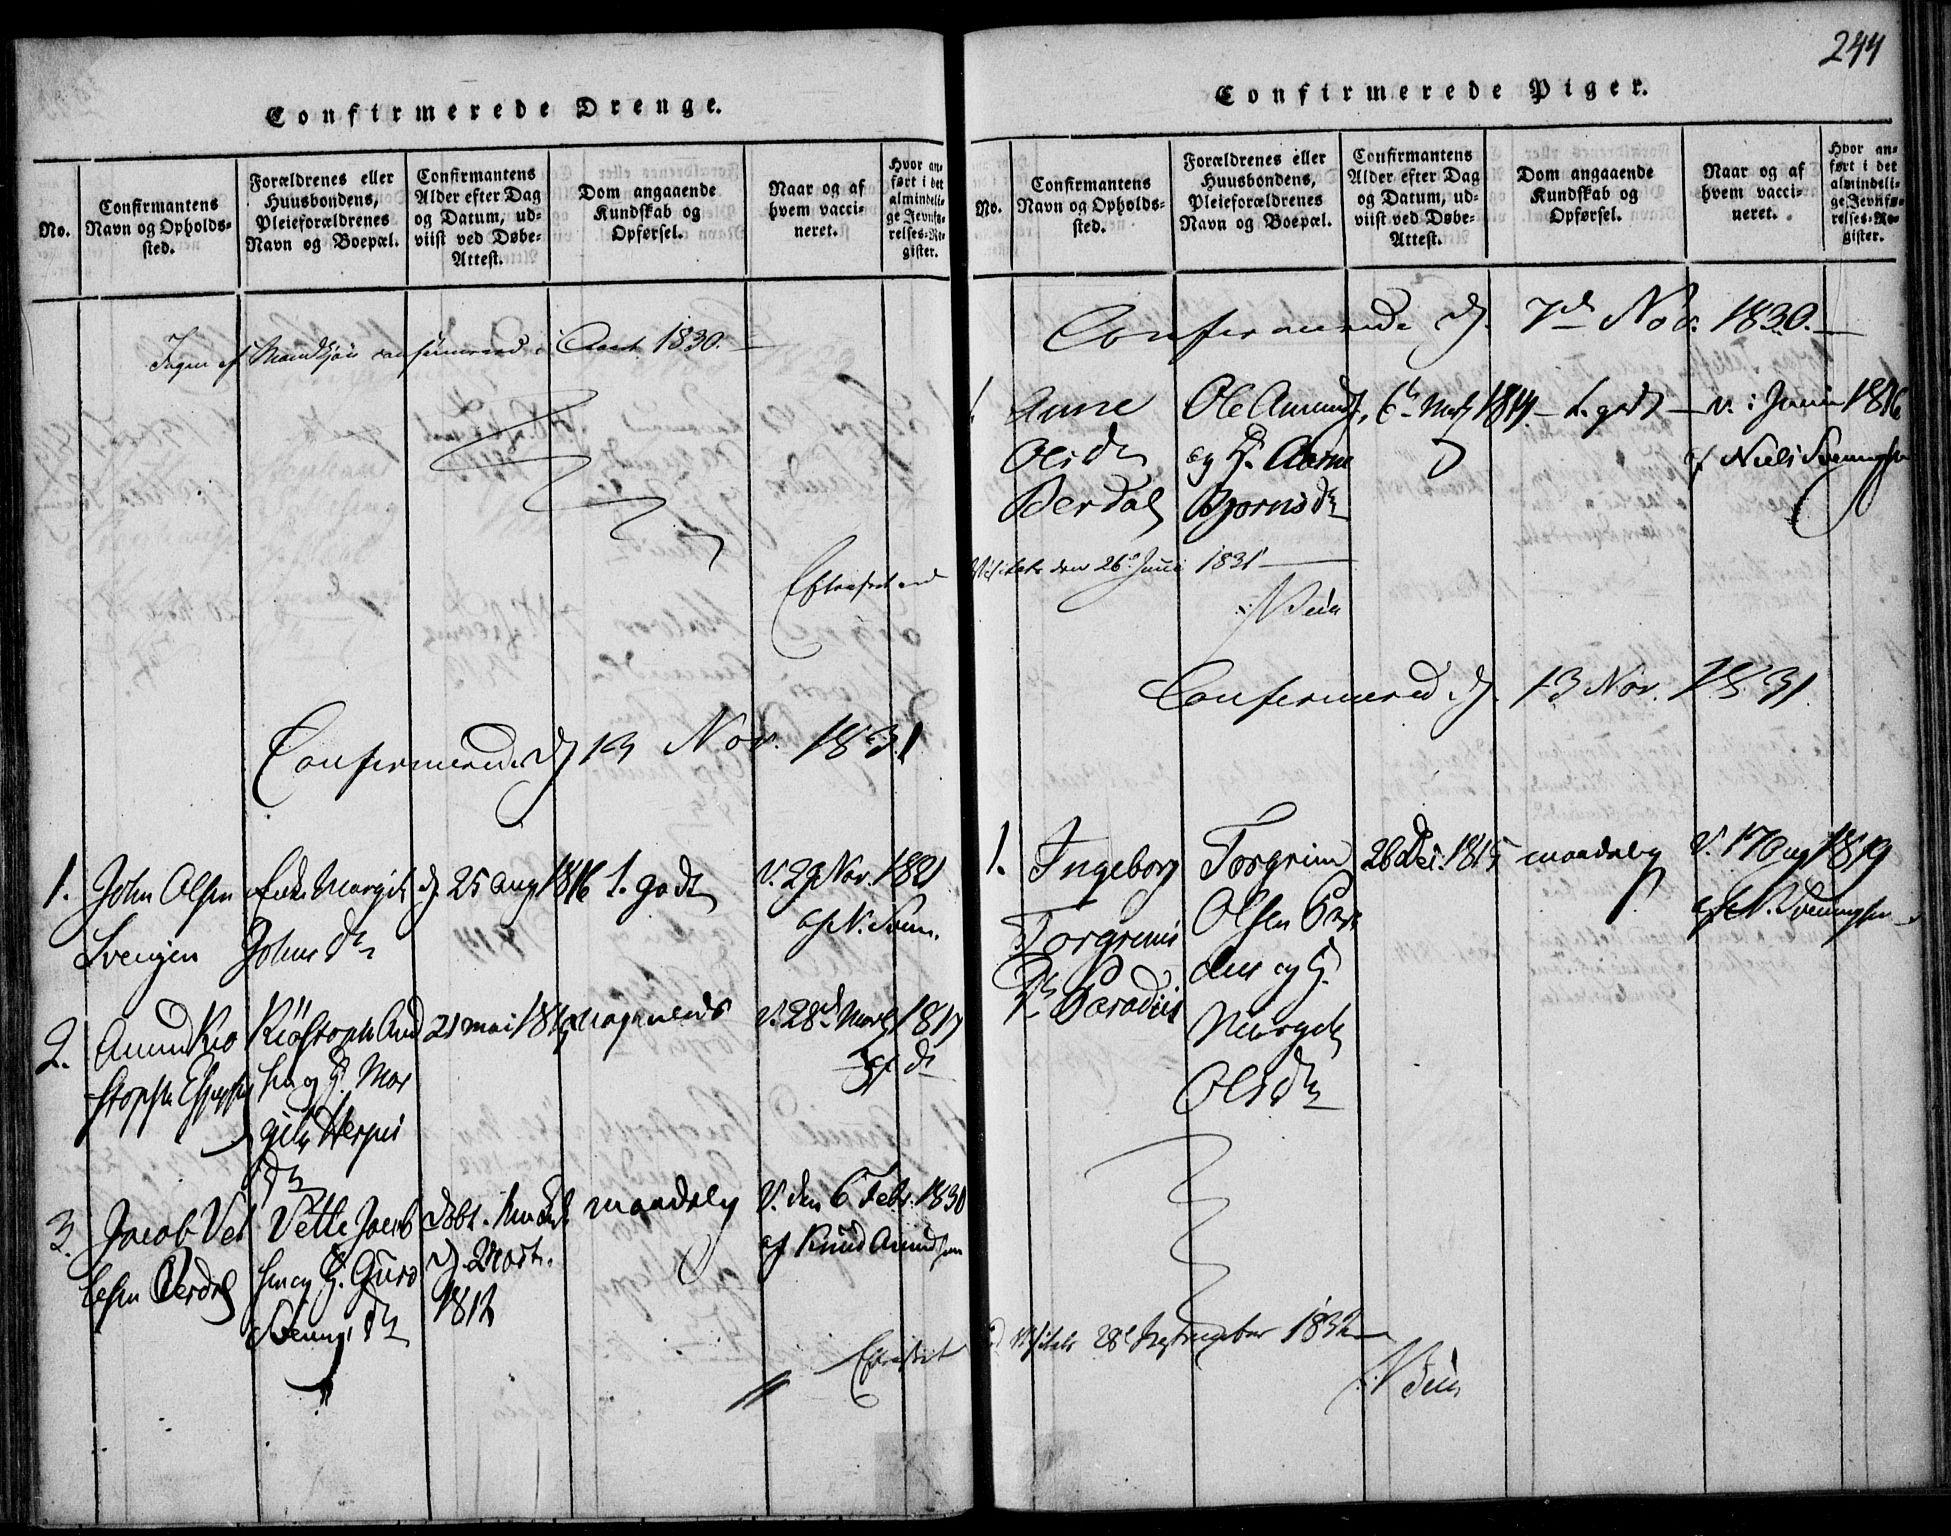 SAKO, Vinje kirkebøker, F/Fb/L0001: Ministerialbok nr. II 1, 1814-1843, s. 244